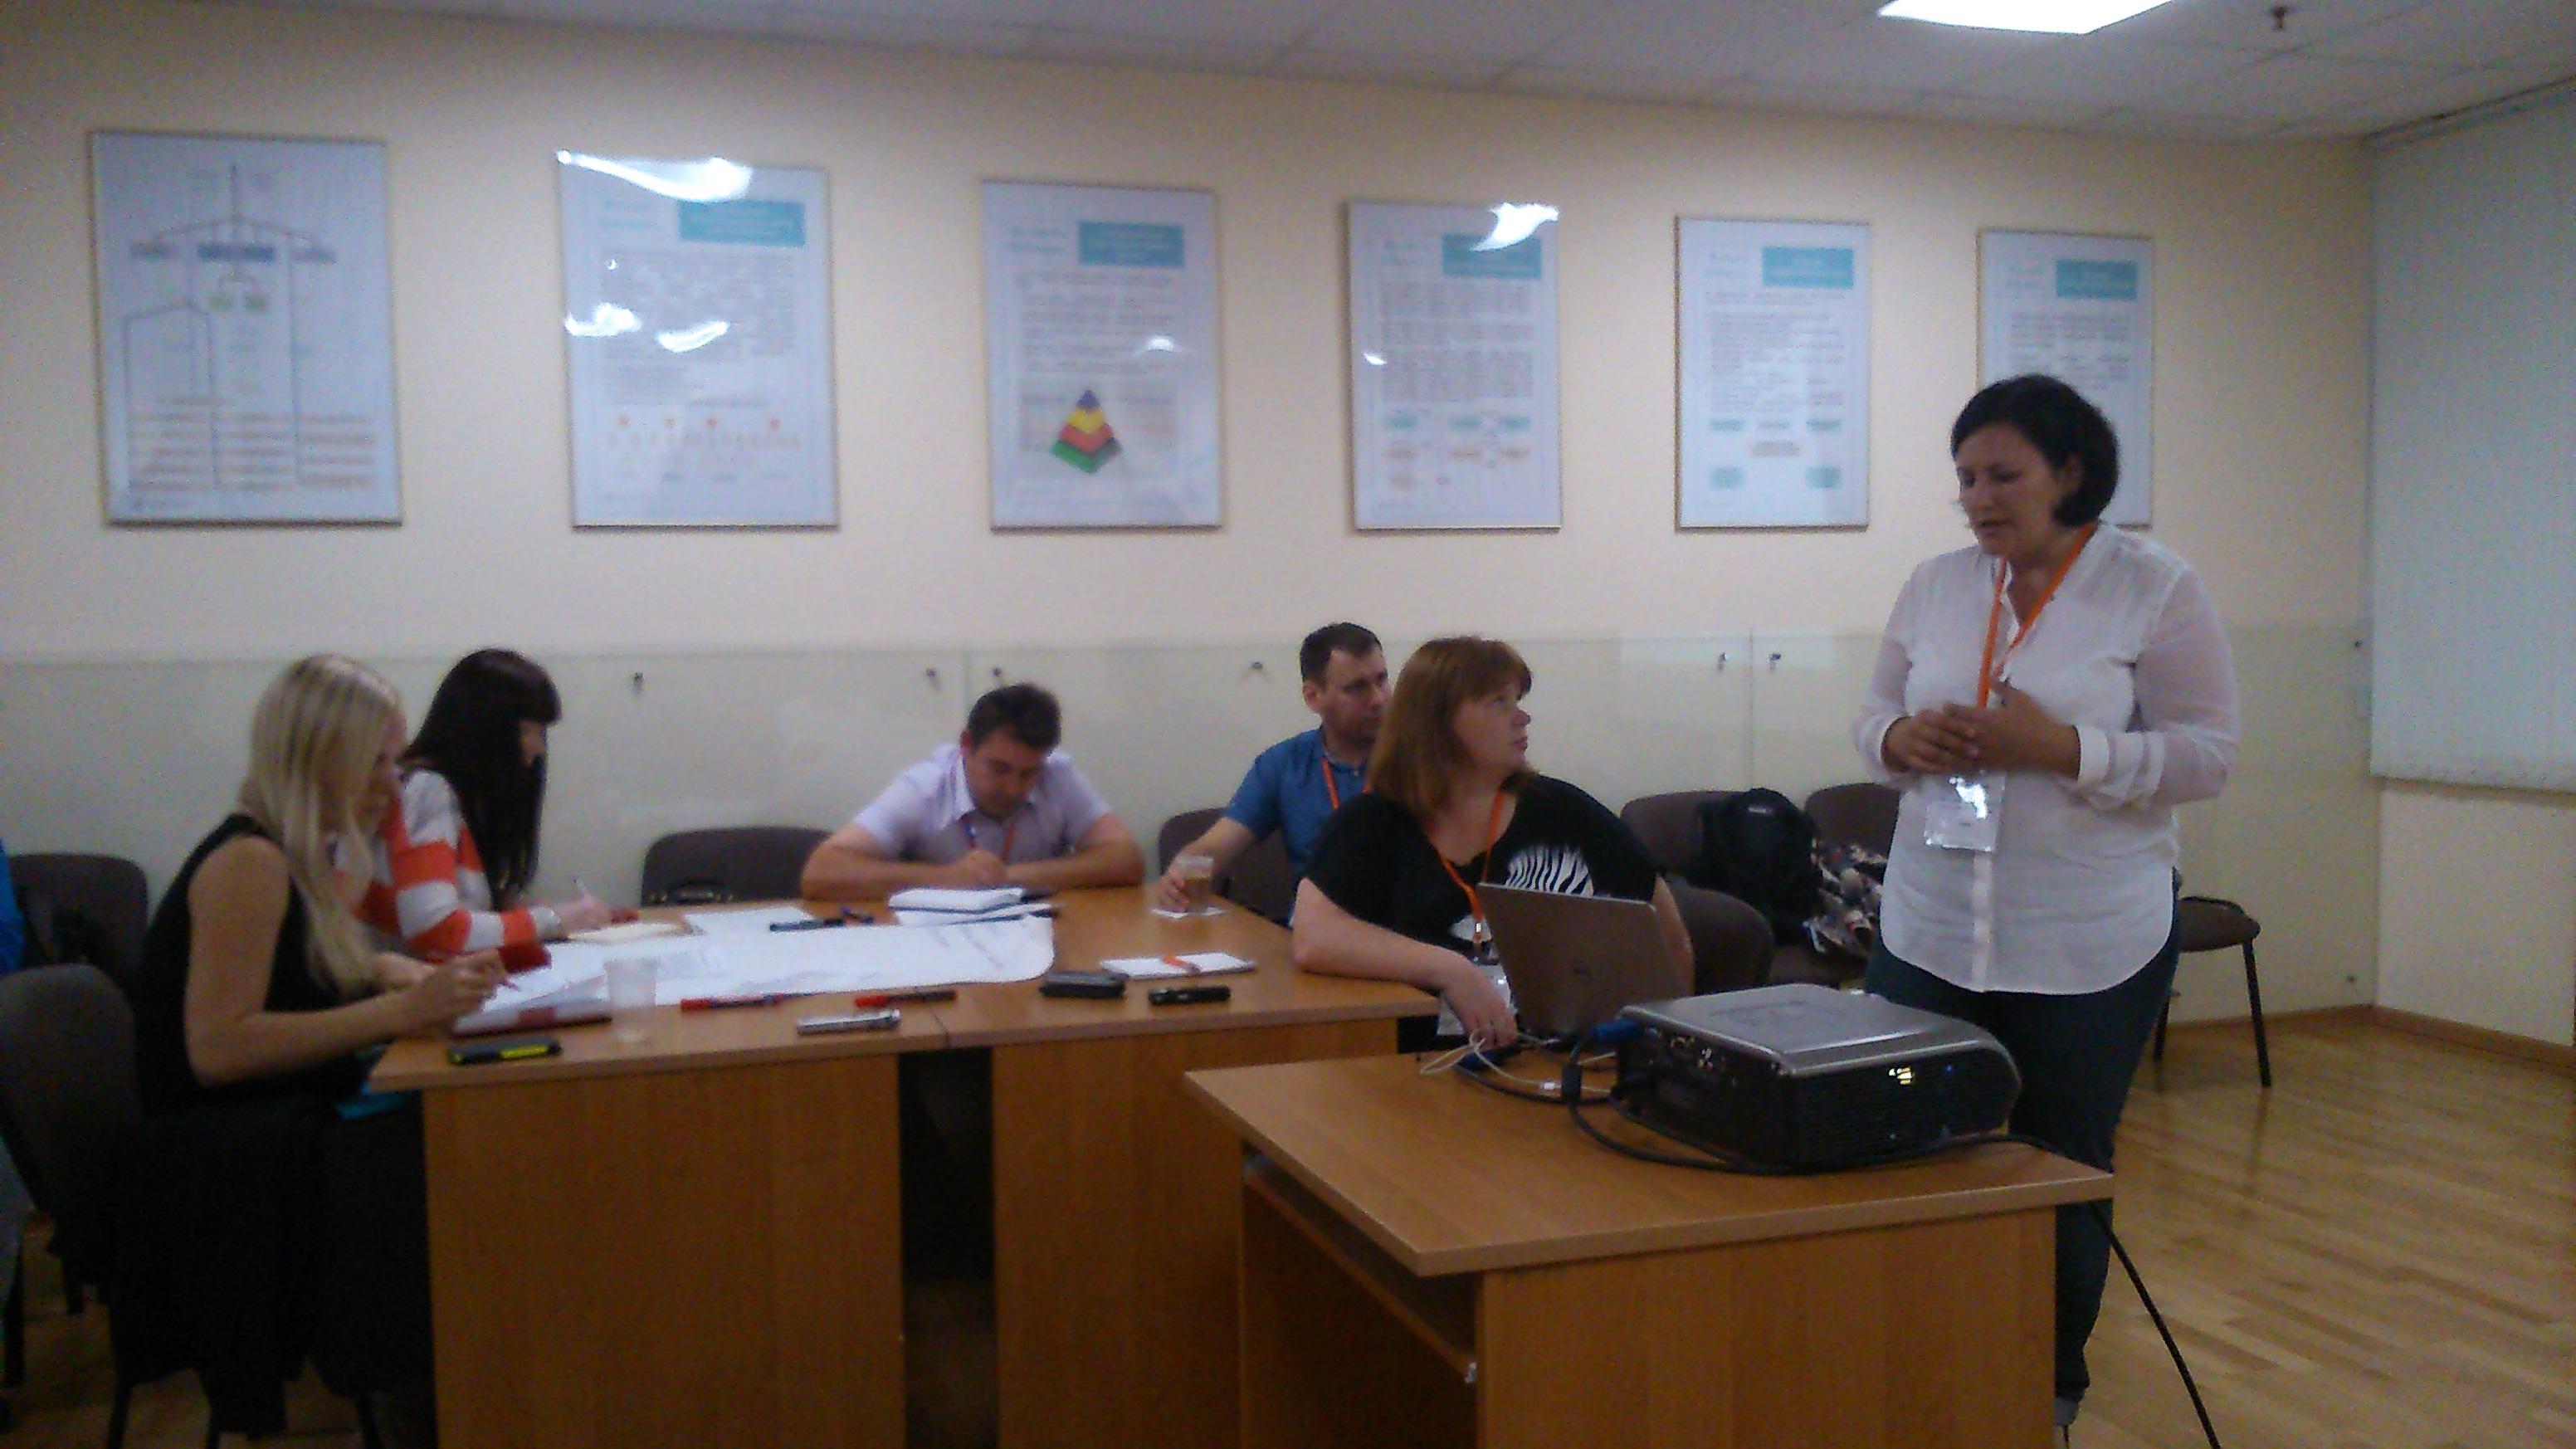 Встреча в Совете профессионалов по цепям поставок